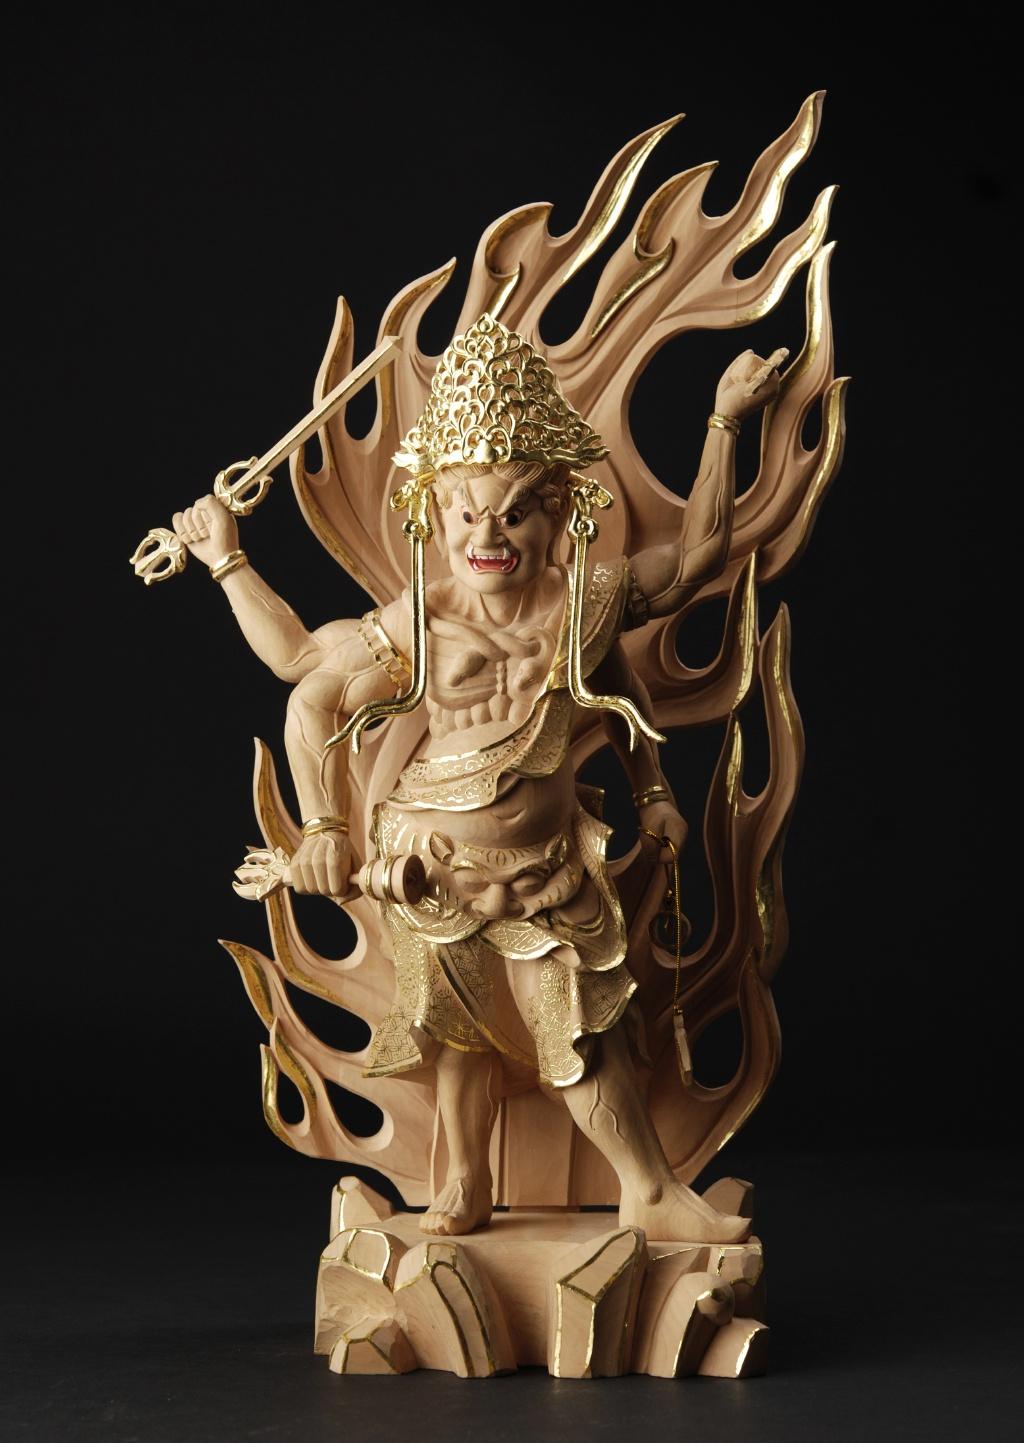 仏像販売 | 通販 | 本格仏像の仏像ワールド。 : 仏像まとめ - NAVER まとめ